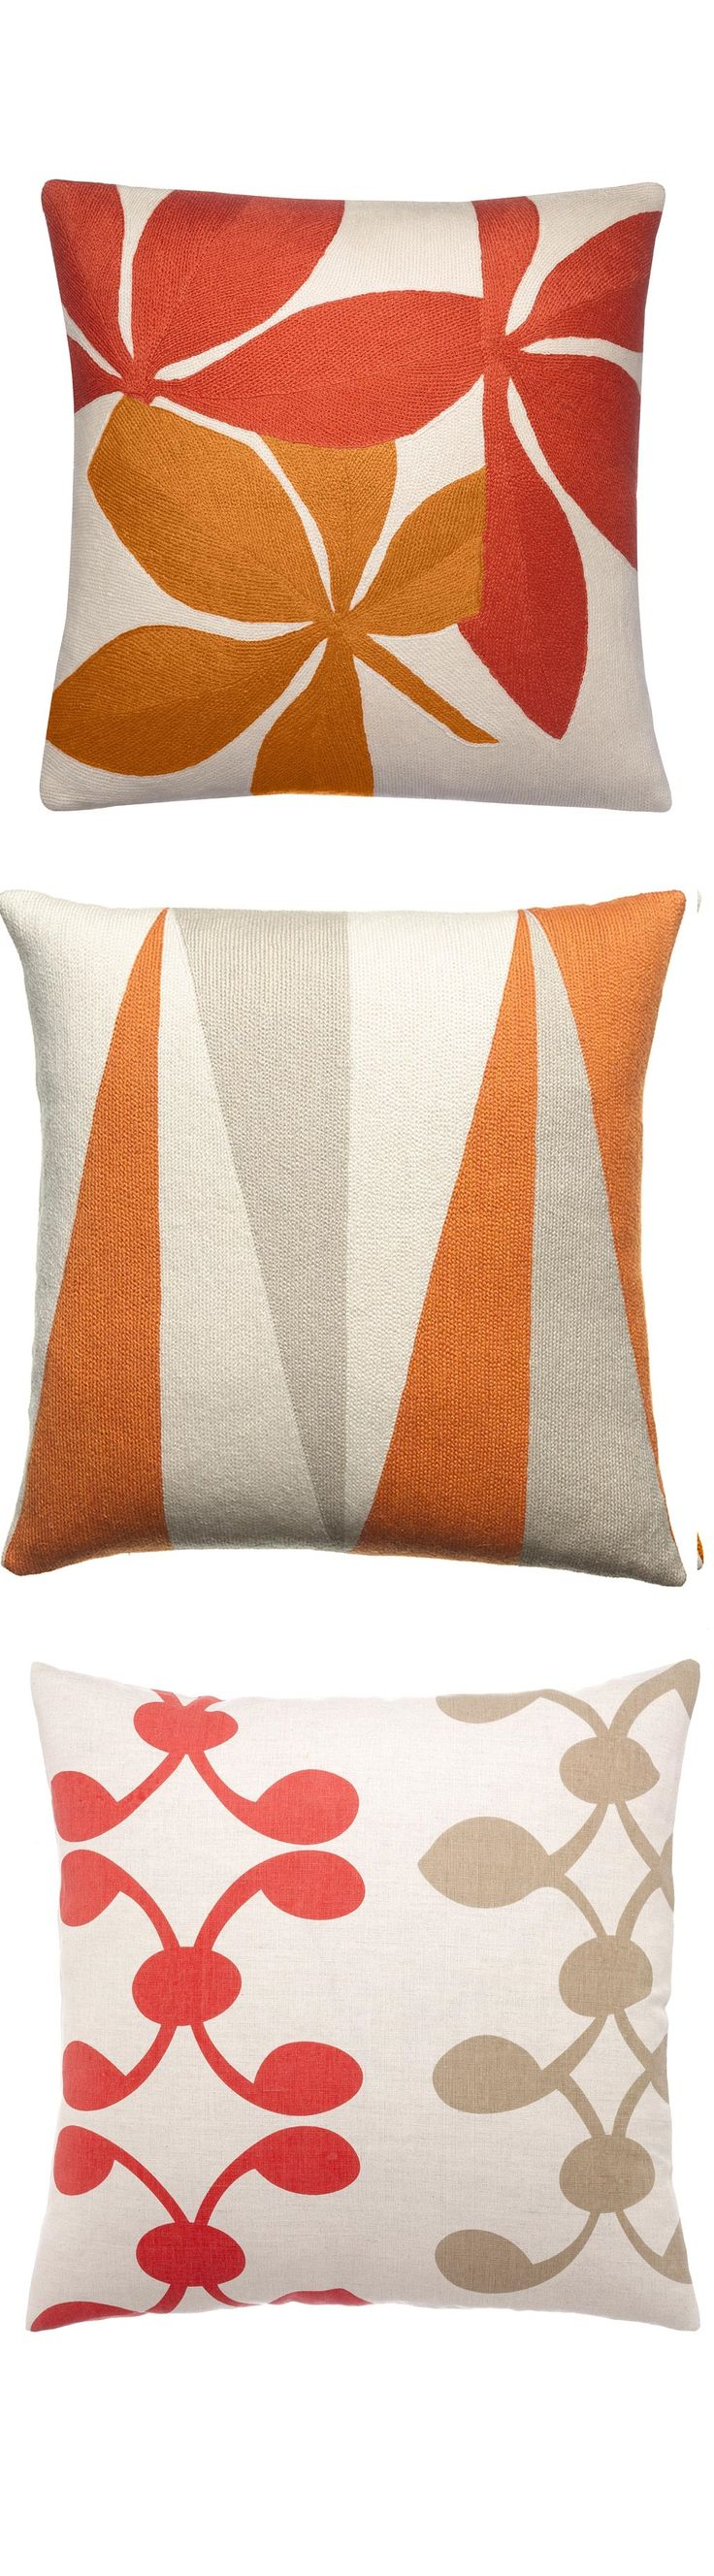 Orange Sofa Pillows Tangga Orange Throw Pillow 20x20